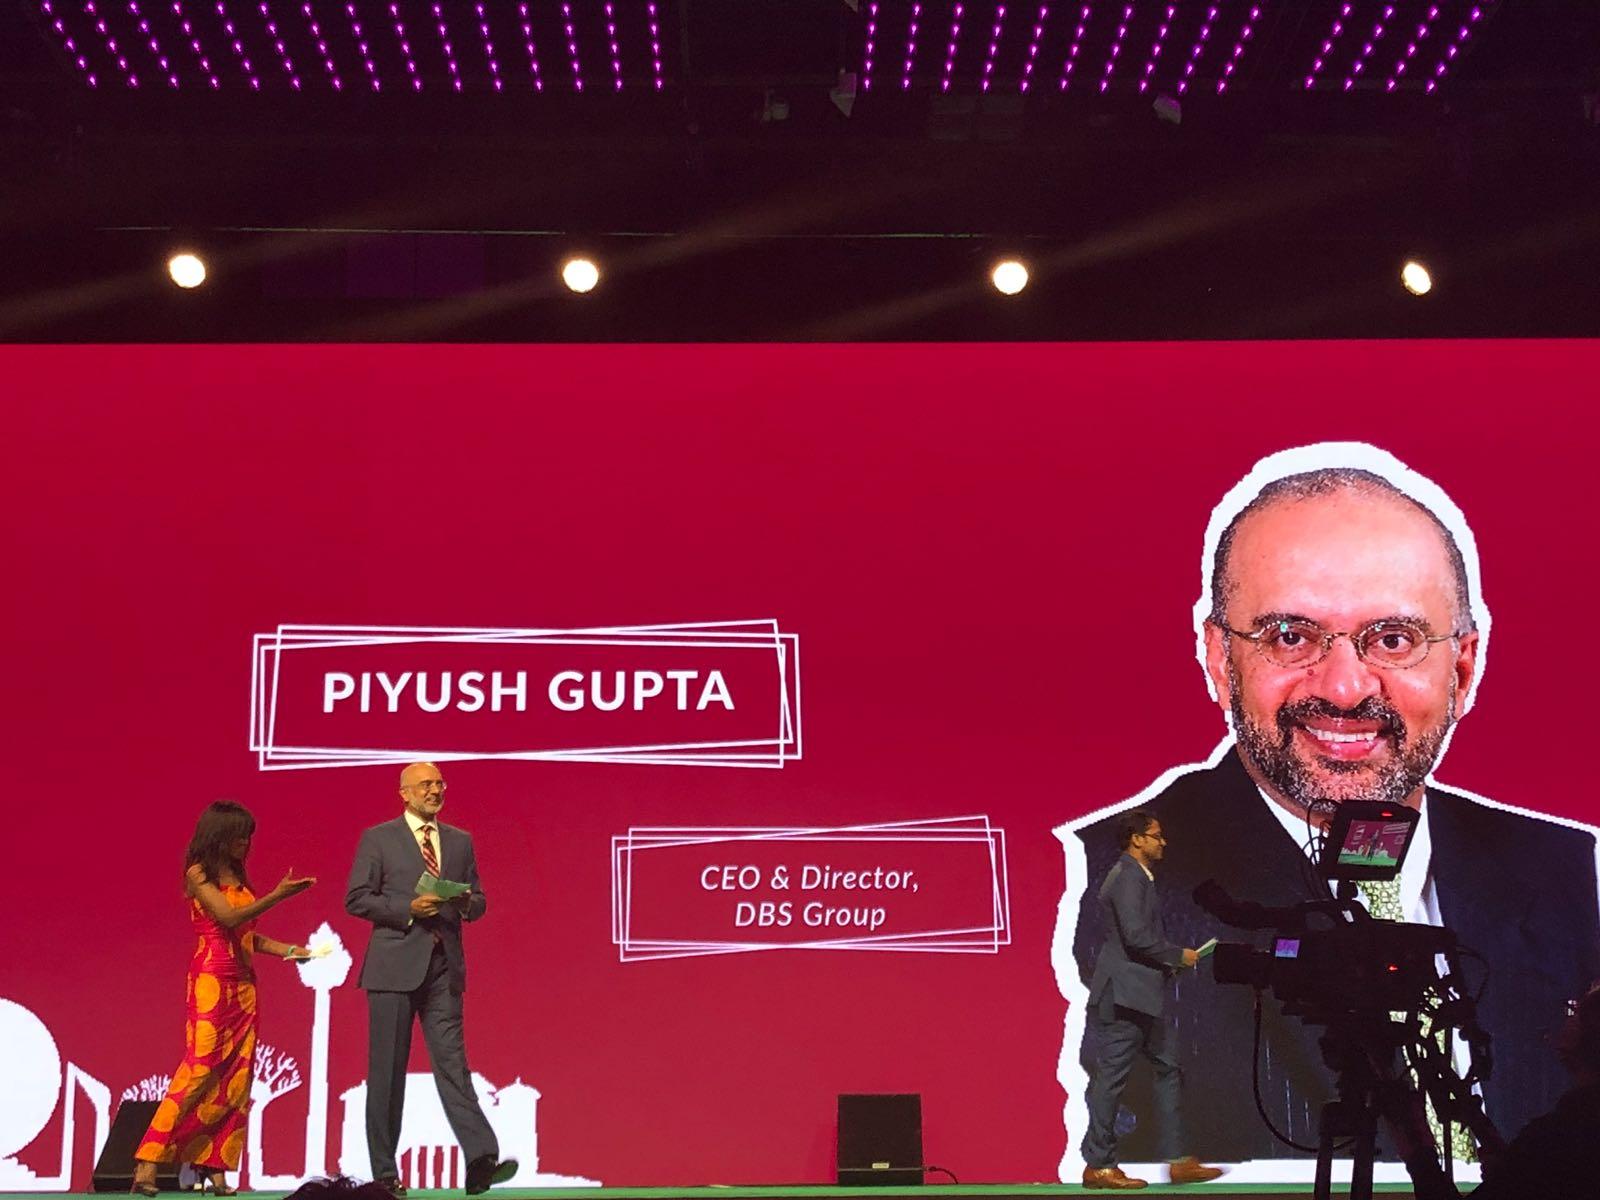 unleash - Hearing the inspiring Dr. Piyush Gupta